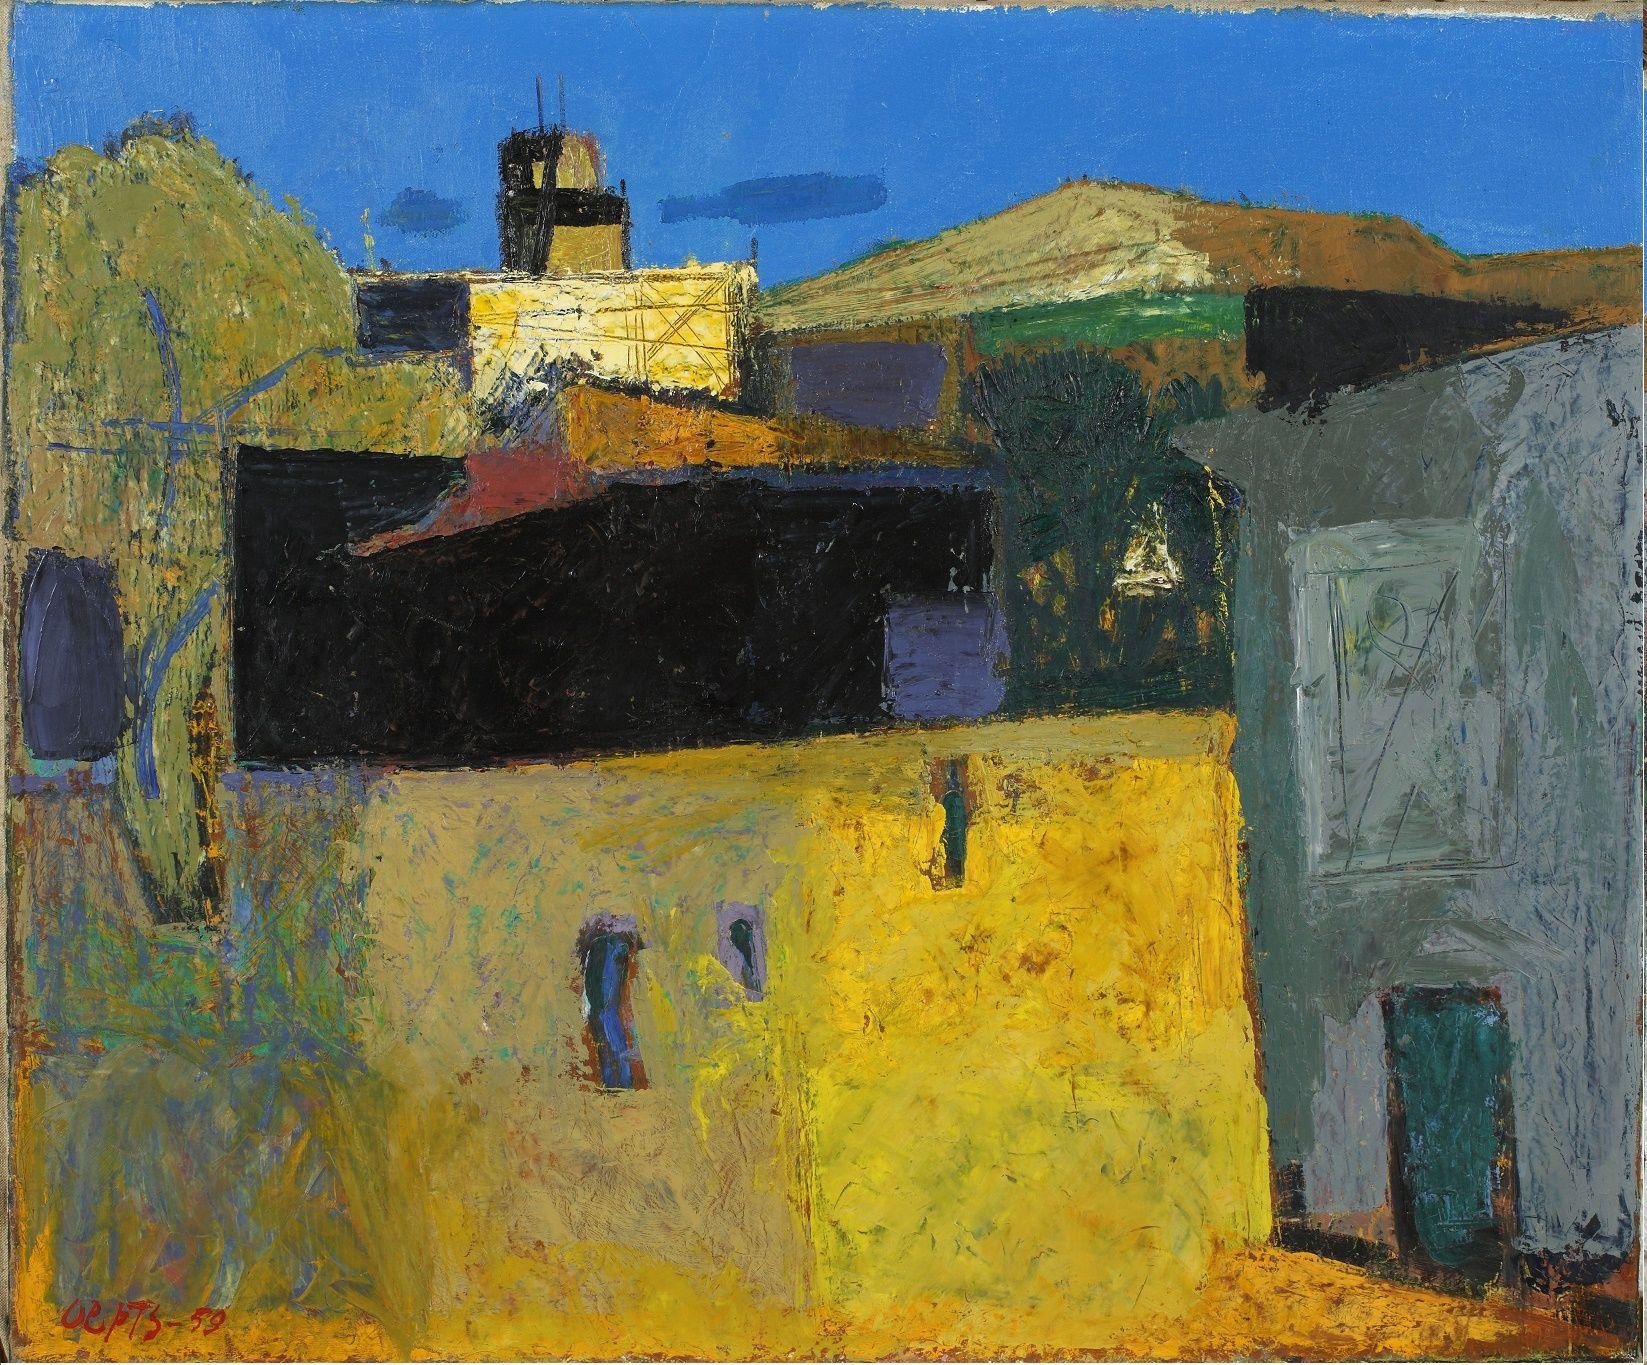 Het gele plein oepts wim kunstmakelaardij metzemaekers kunstenaars pinterest - Quilts gele ...